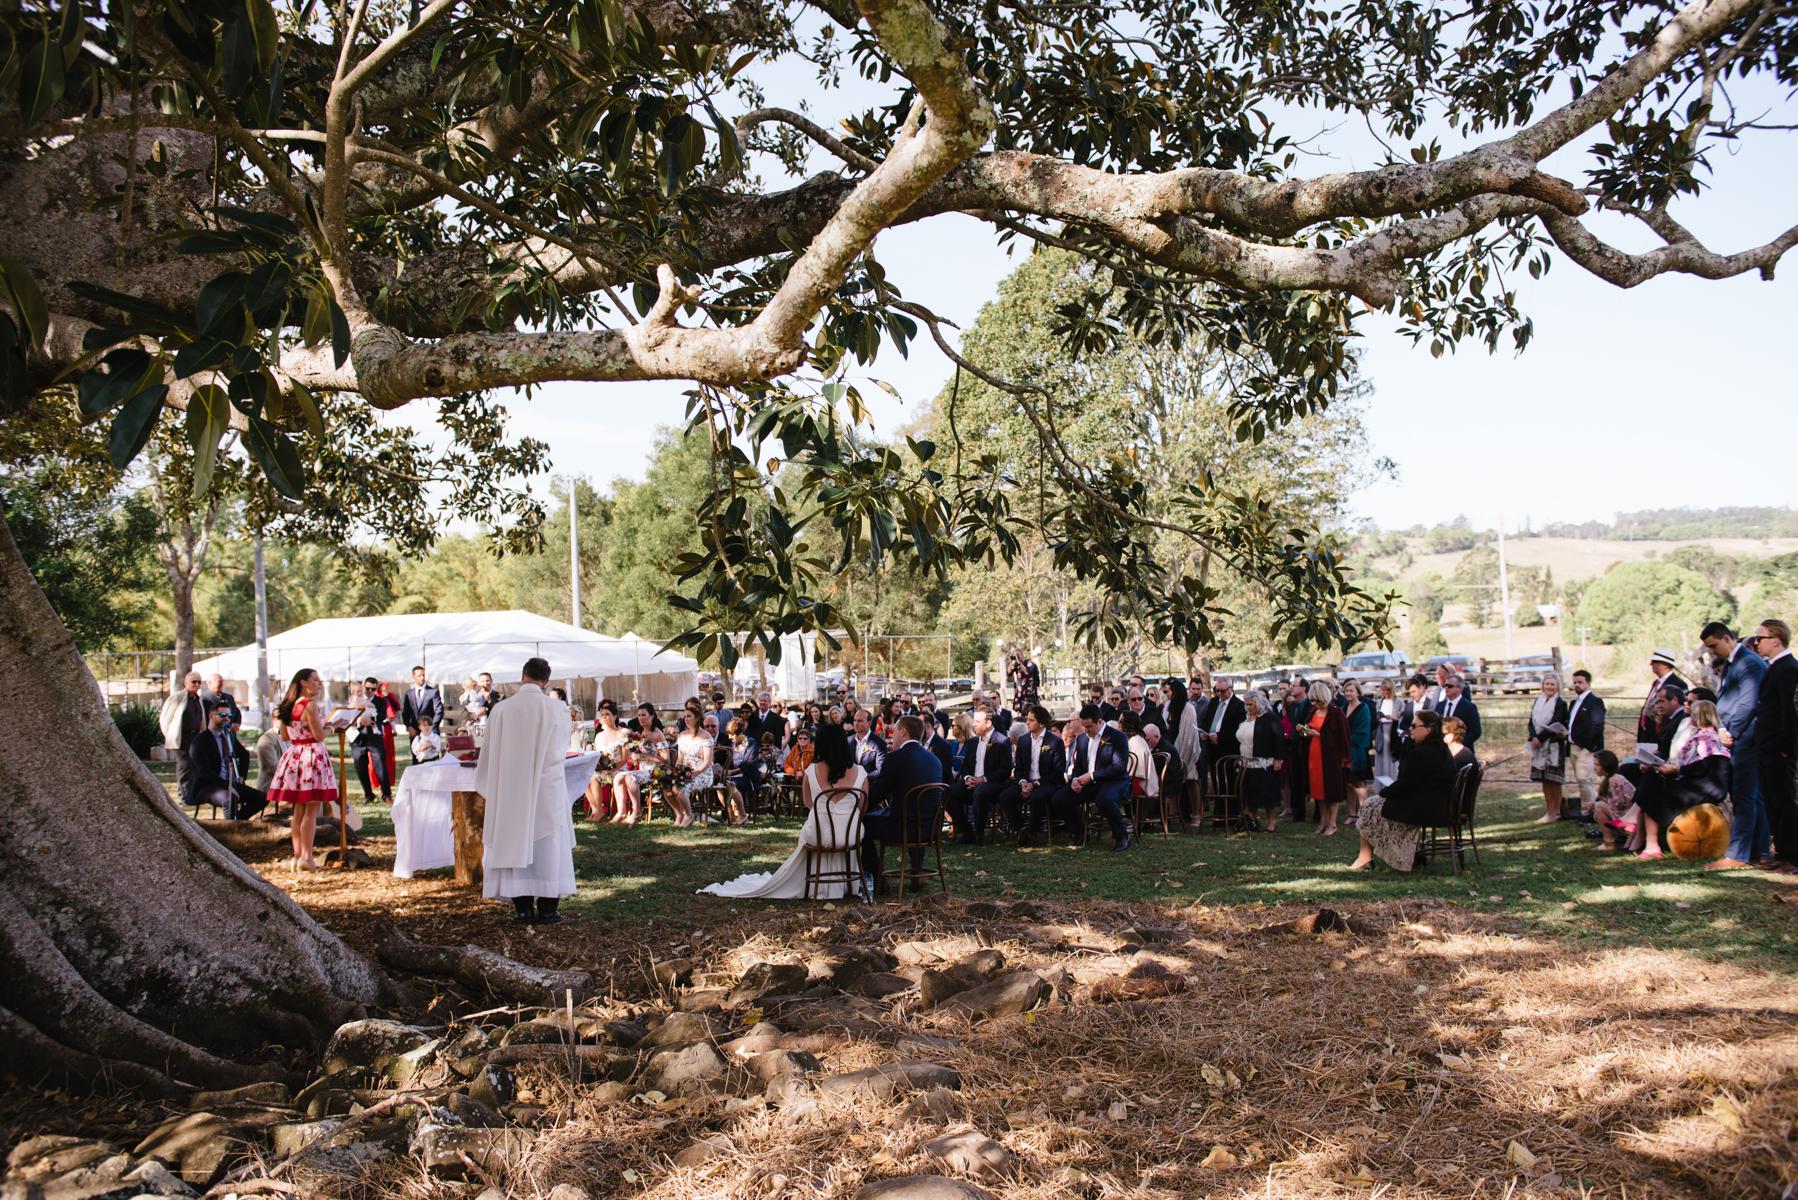 sarahandBenwedding- skyla sage photography weddings, families, byron bay,tweed coast,kingscliff,cabarita,gold coast-396.jpg